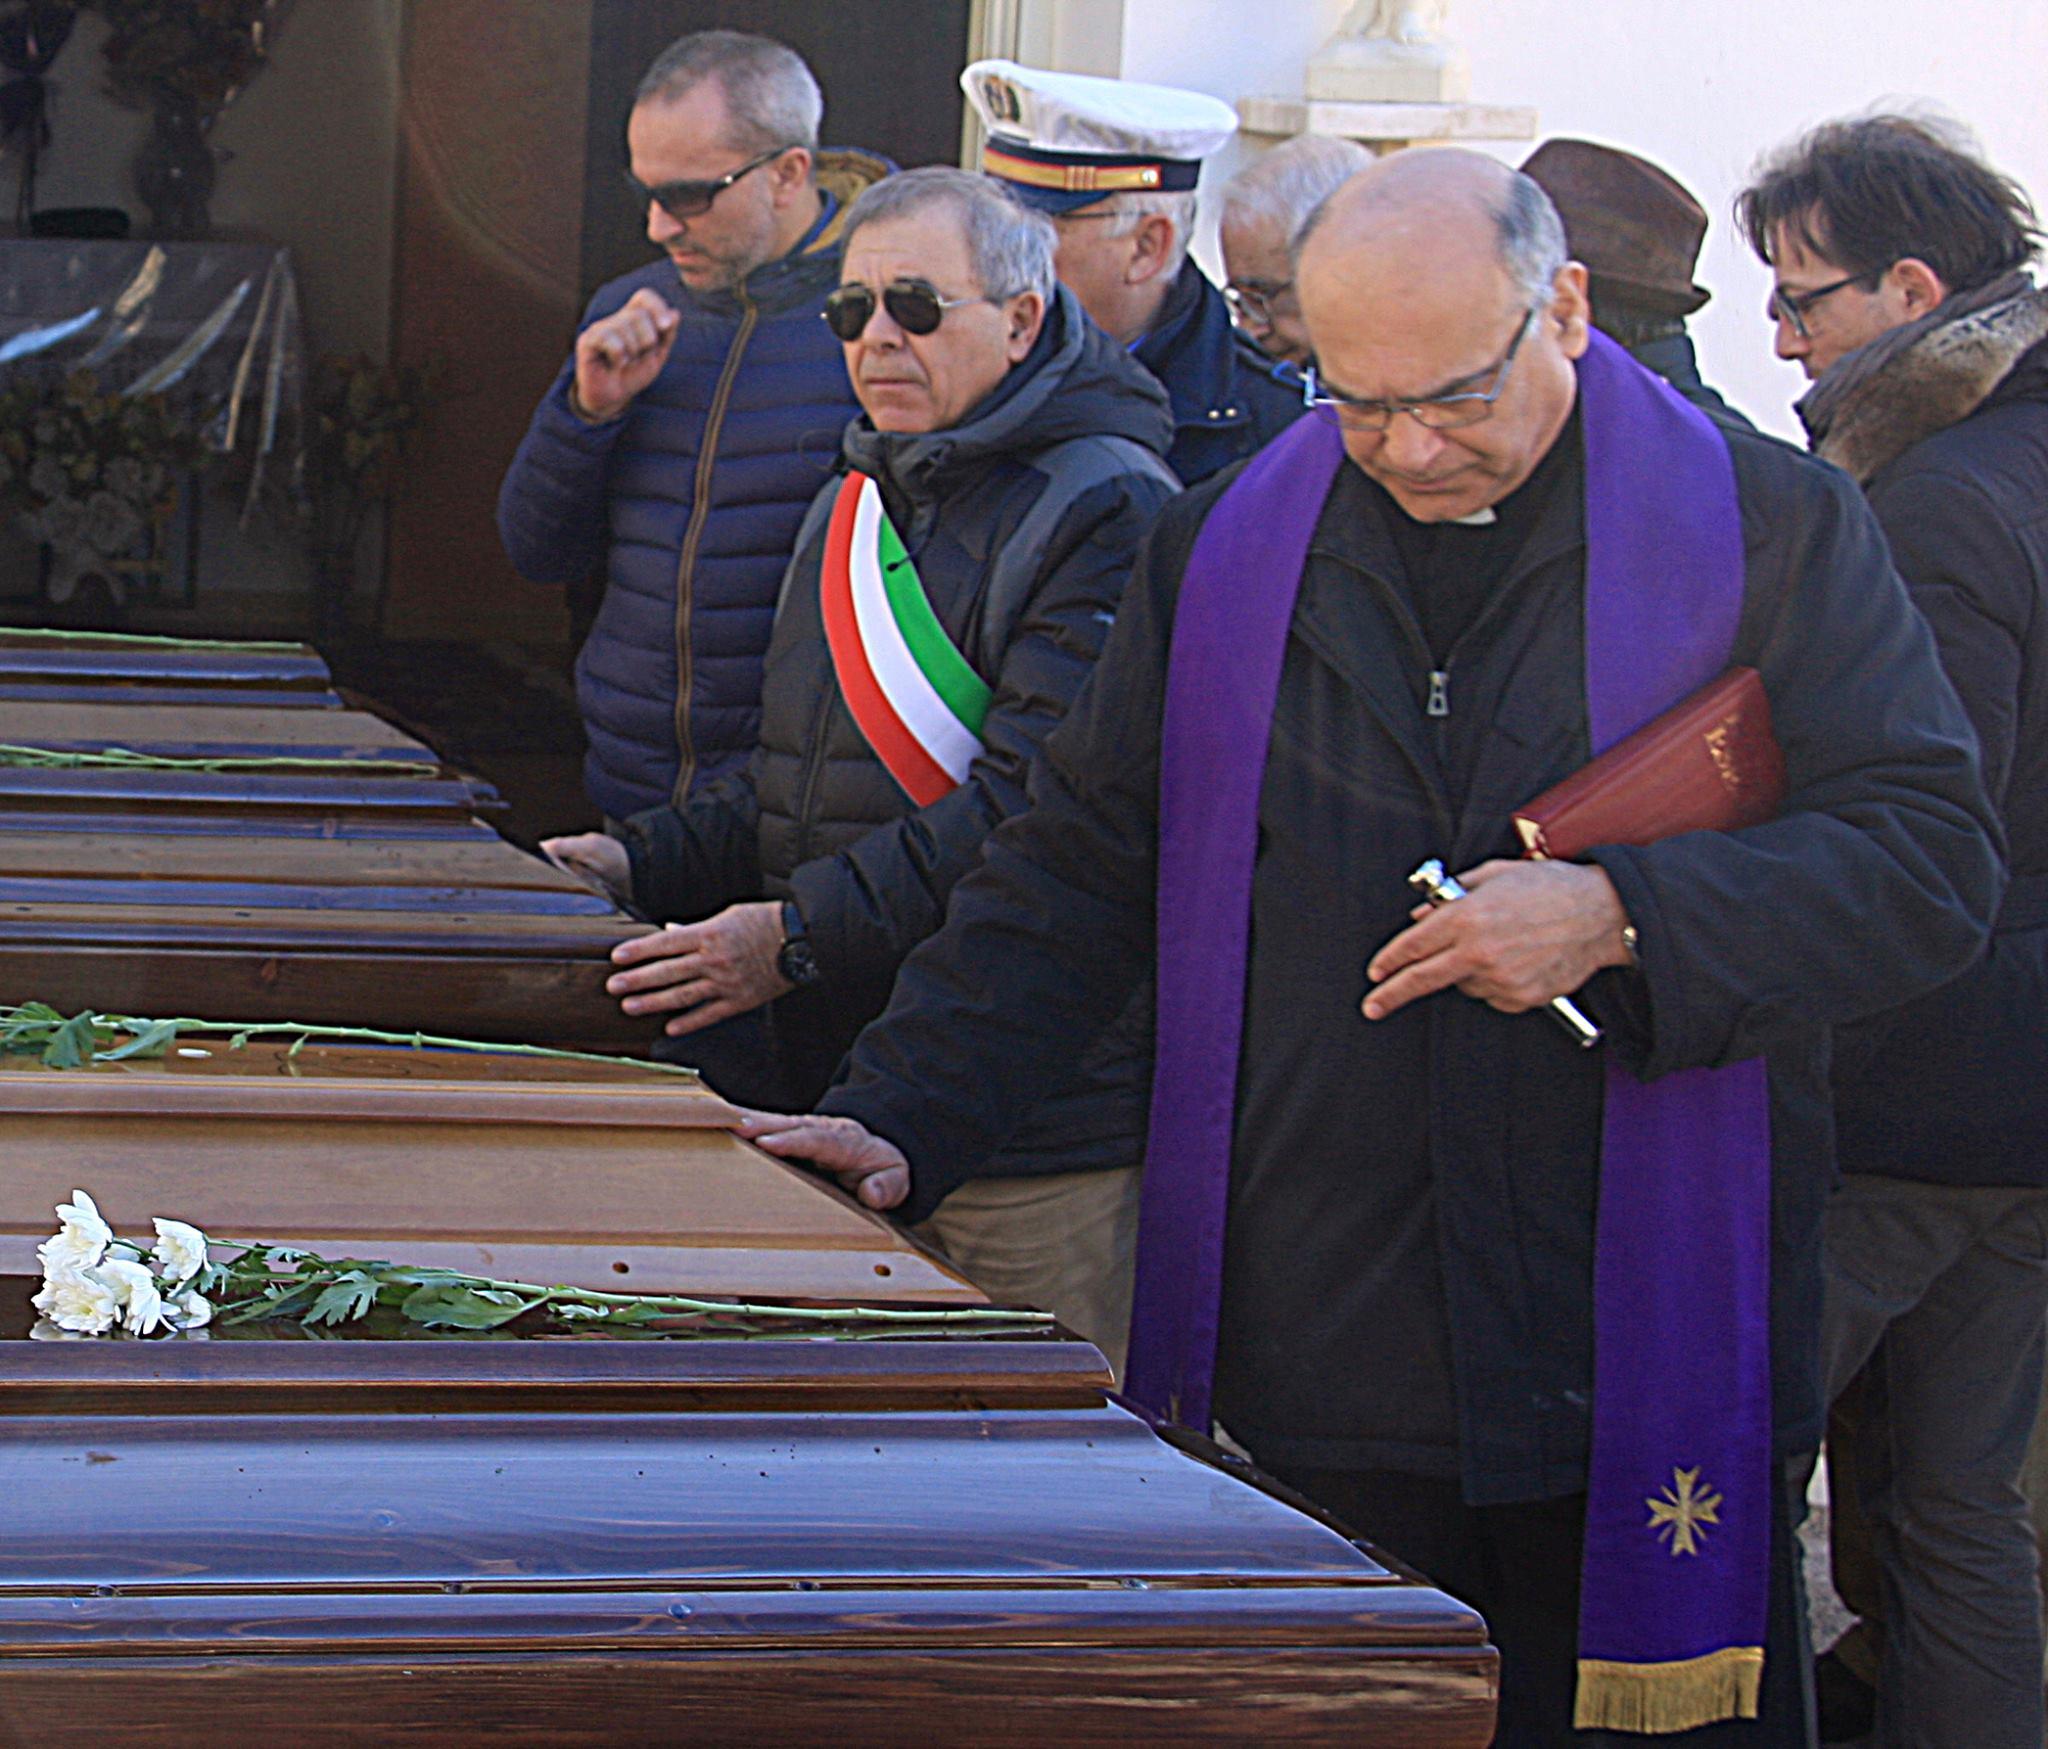 Naufragio di Lampedusa: Cianciana accoglie quattro salme